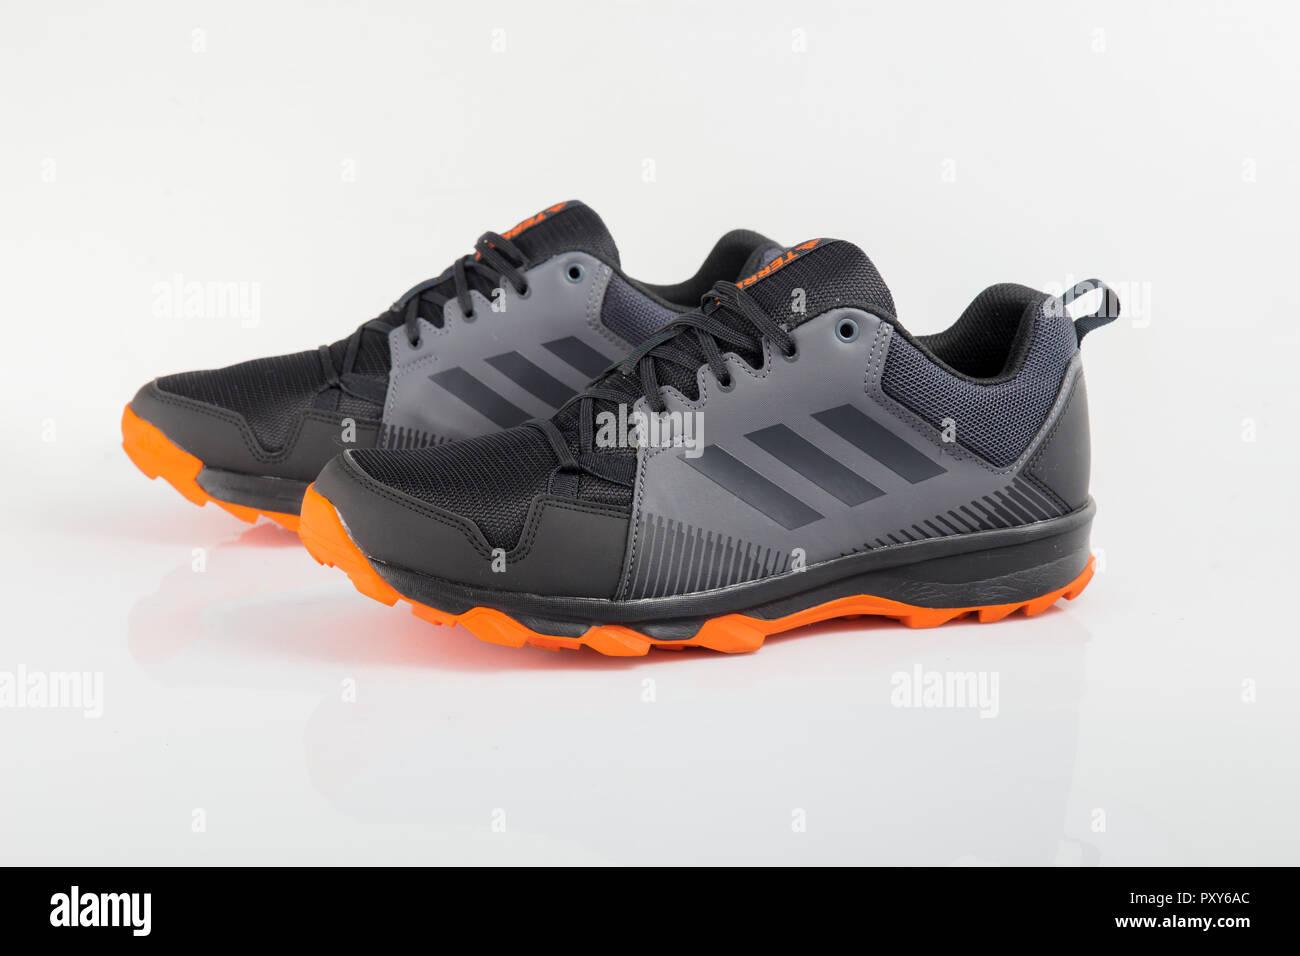 Sneakers Adidas Stockfotos & Sneakers Adidas Bilder Alamy